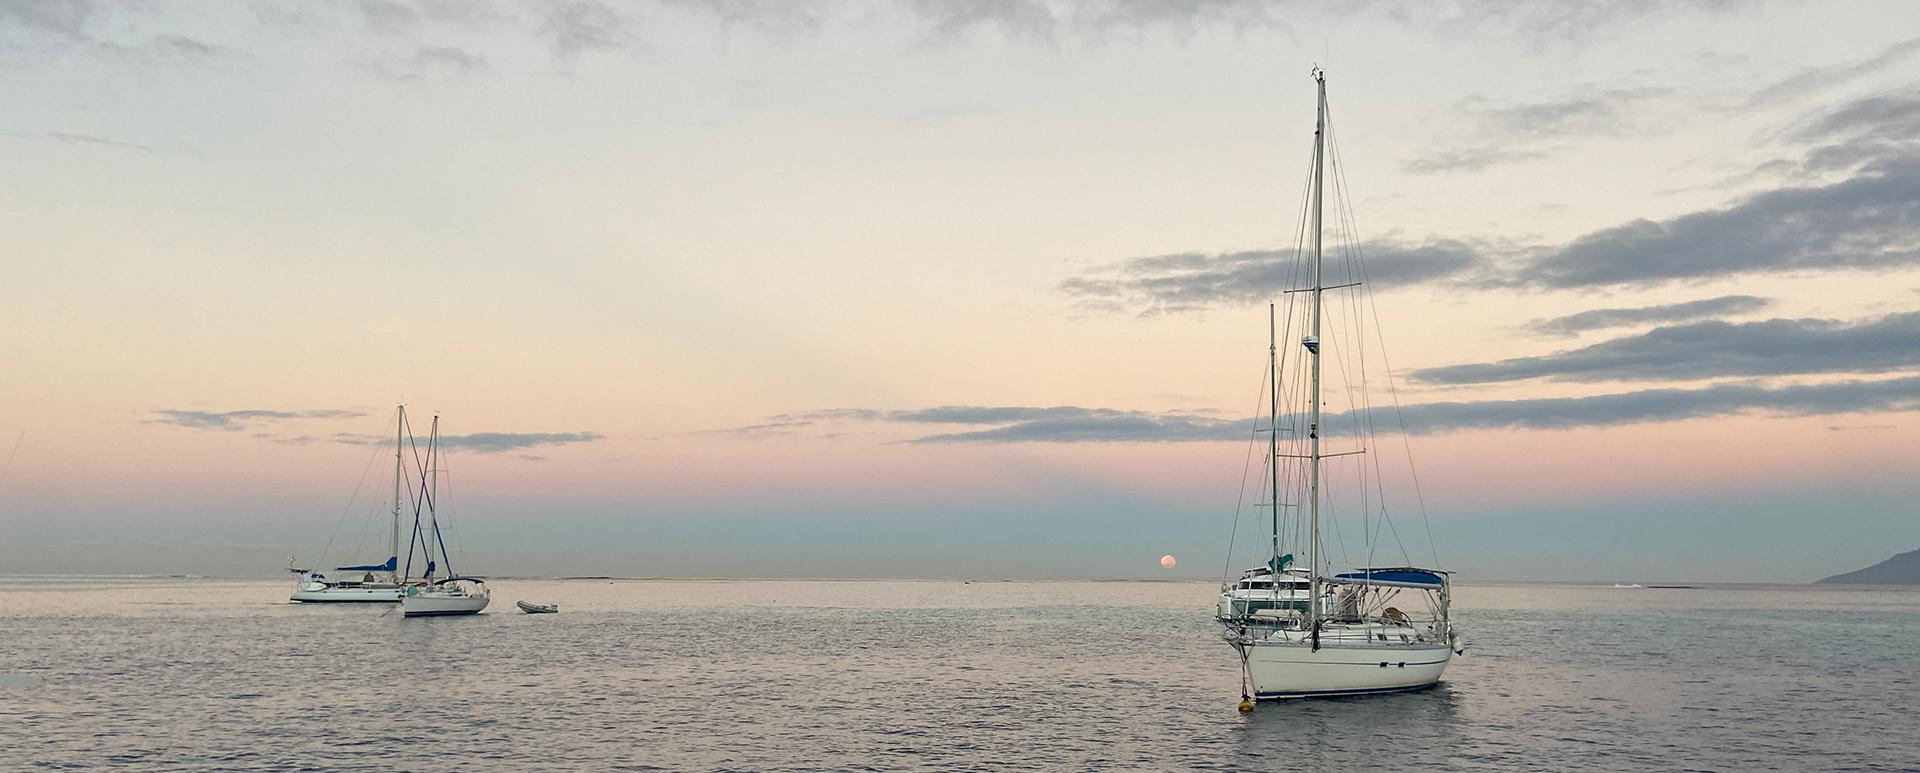 Culture Nomads Travel Blog | Sailing